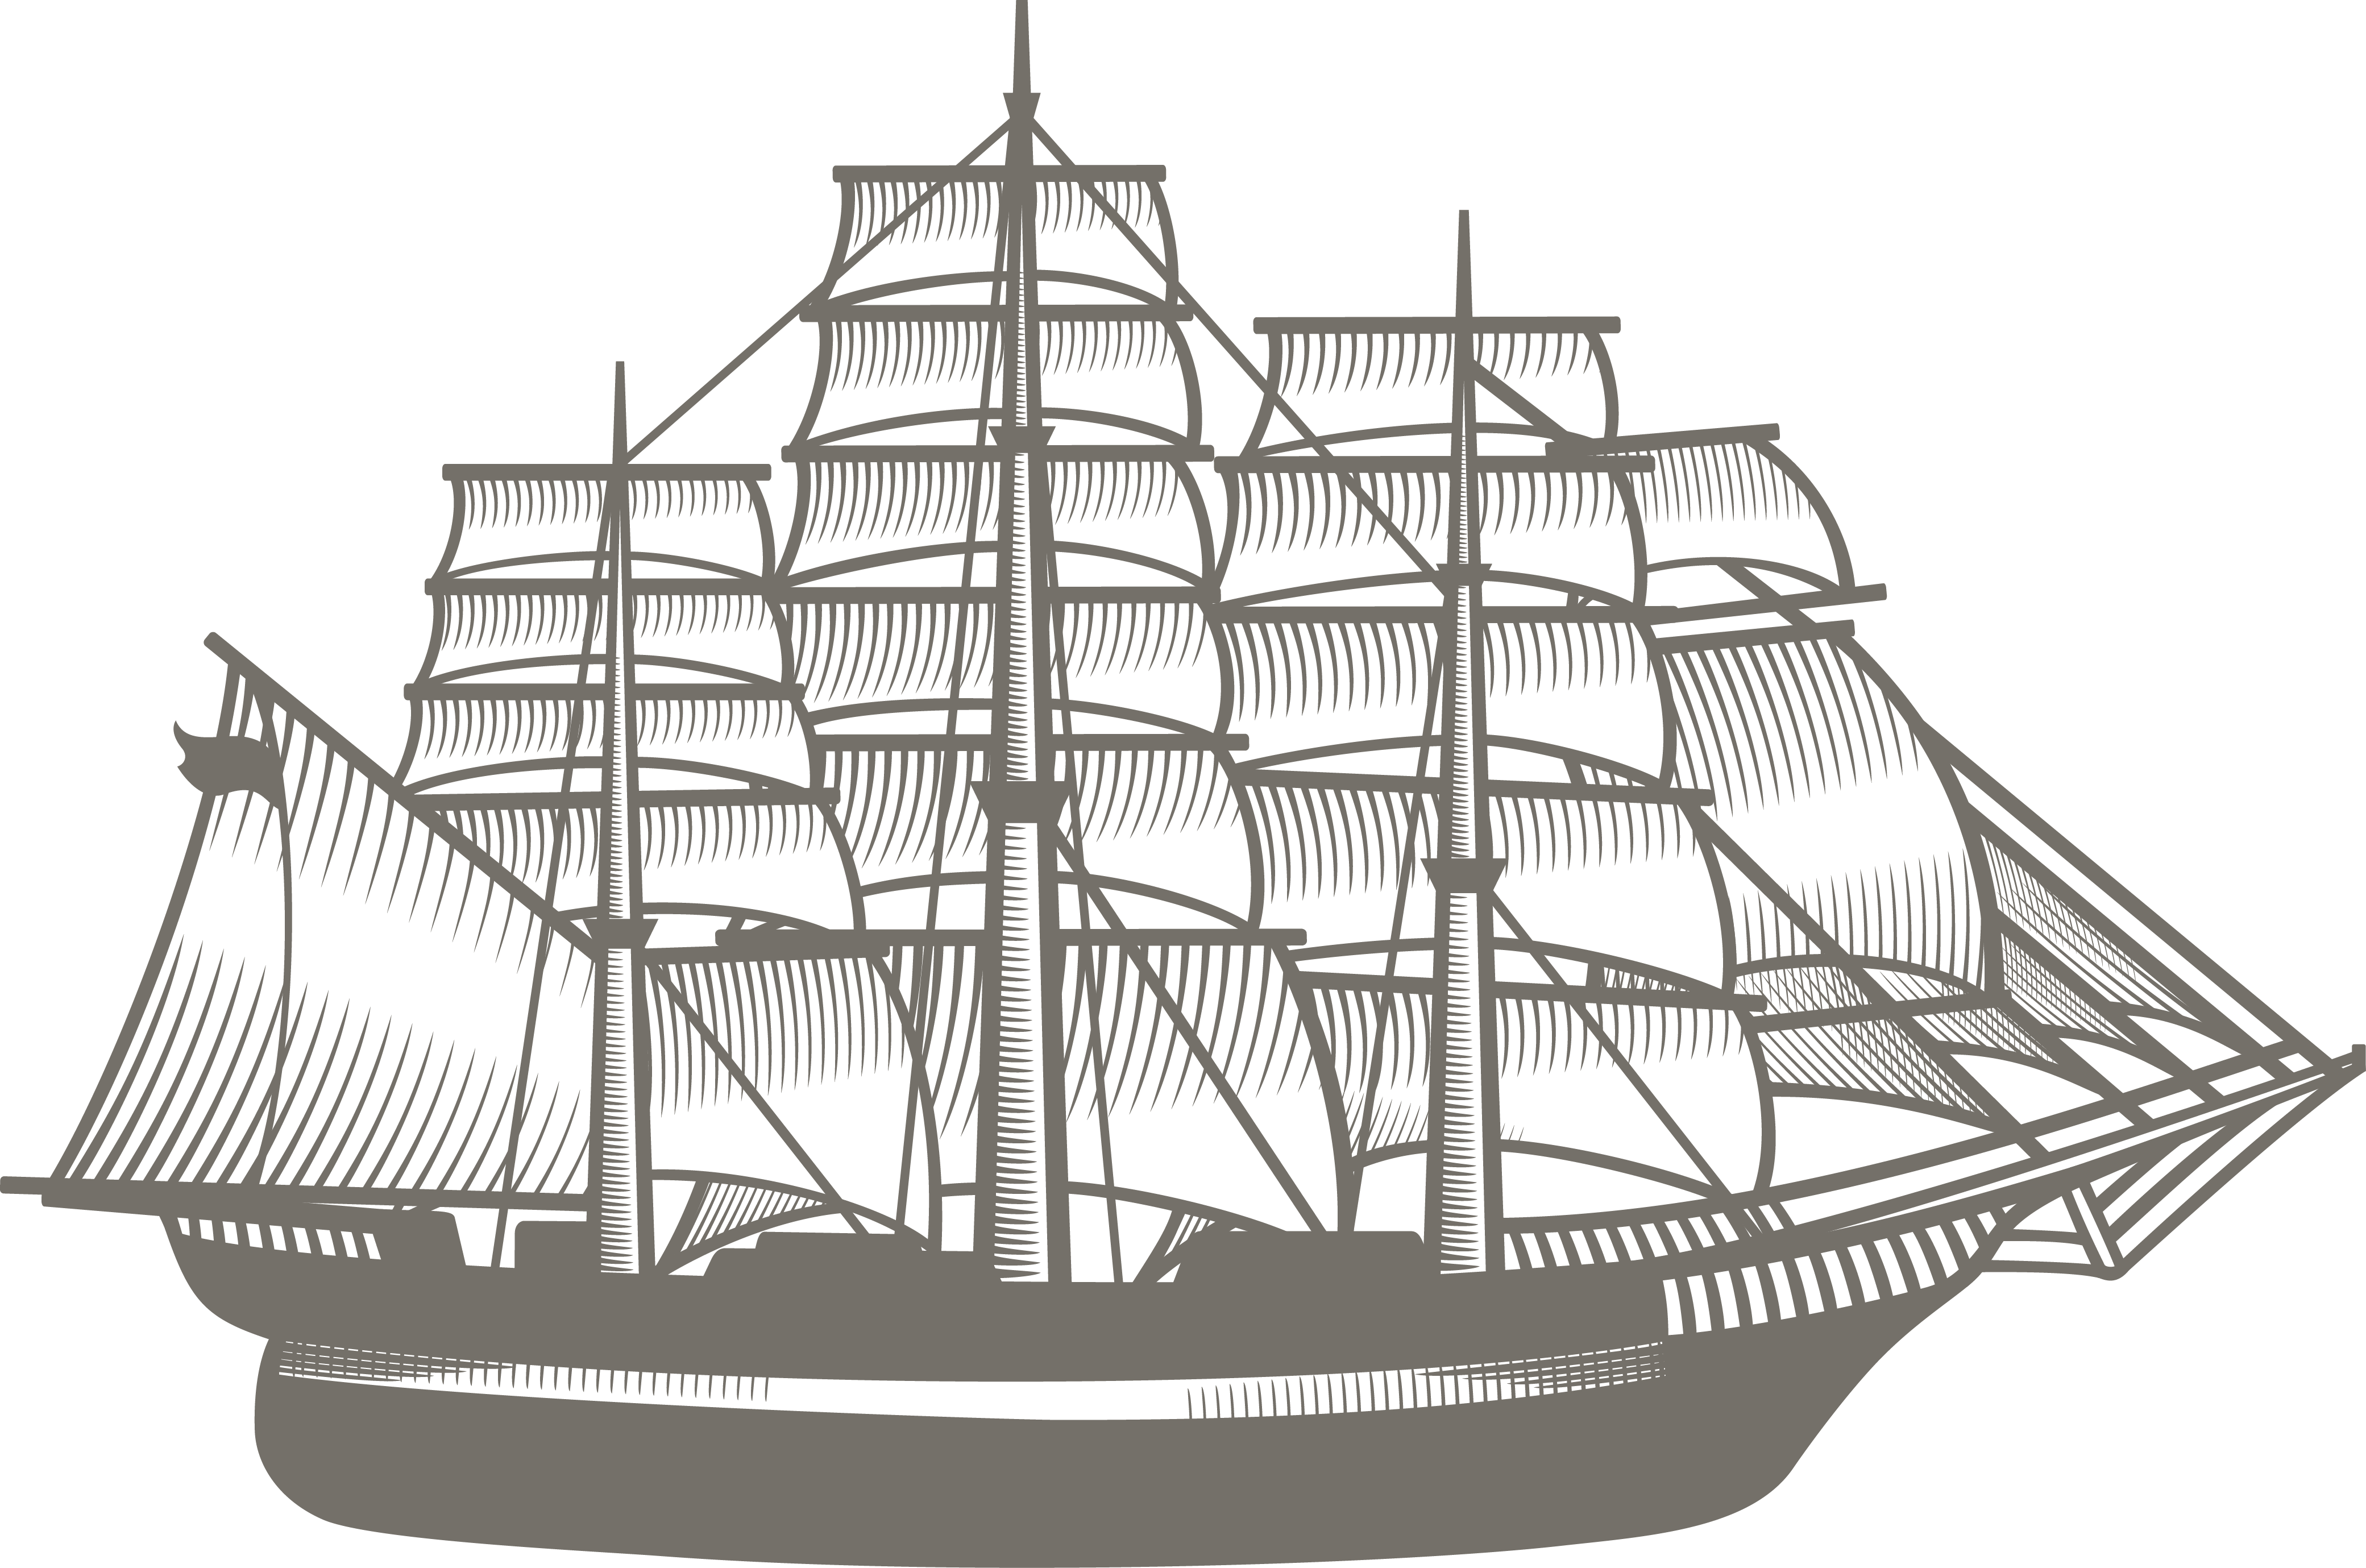 картинка пнг на прозрачном фоне корабль просили прощения друг